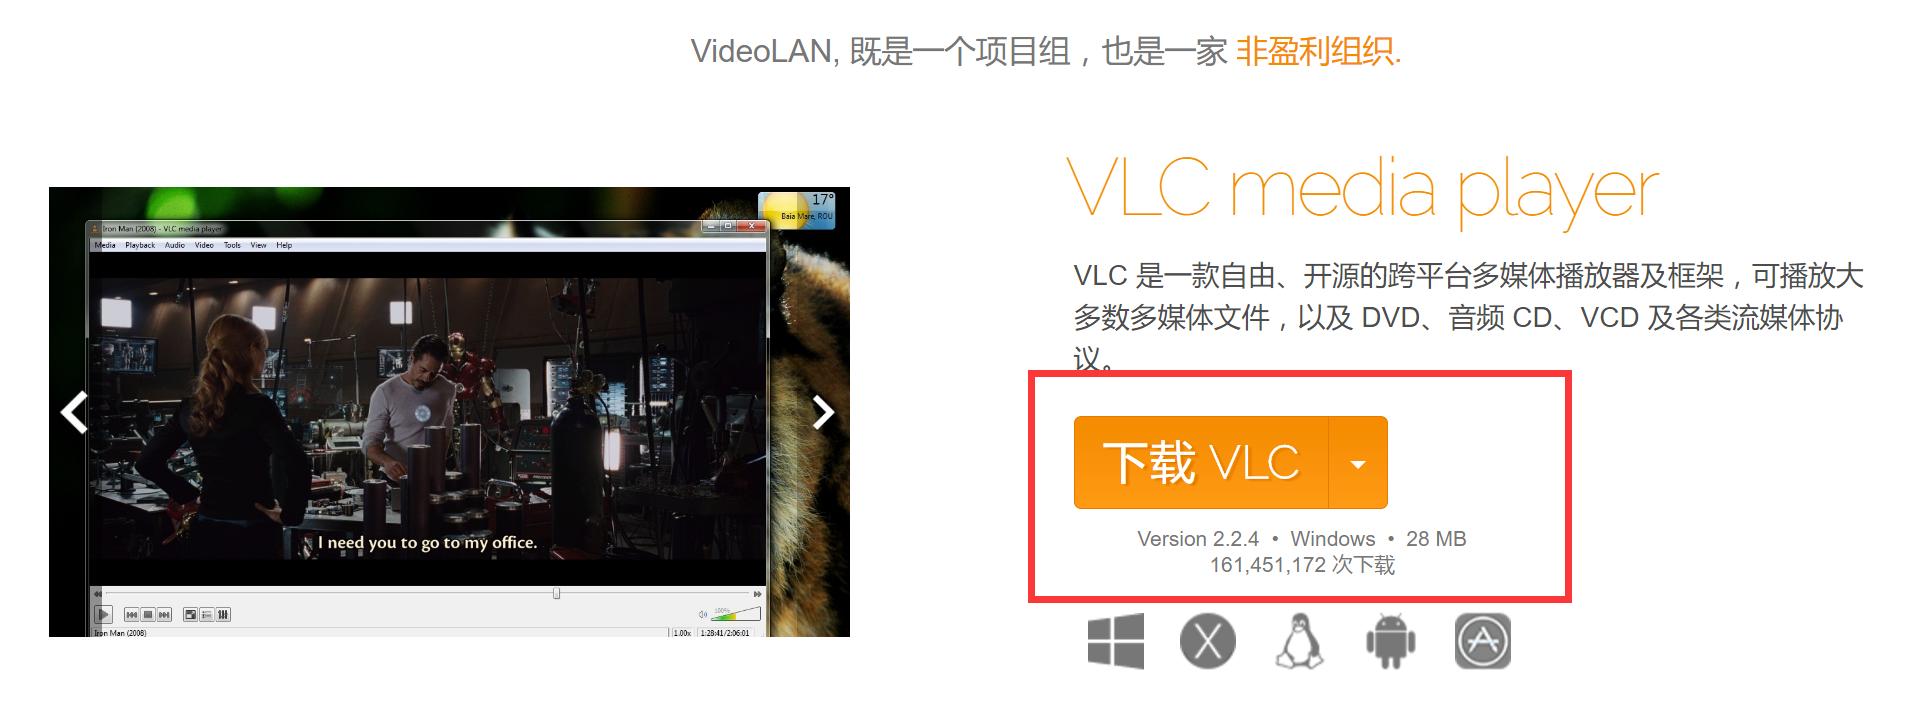 VLC官网下载